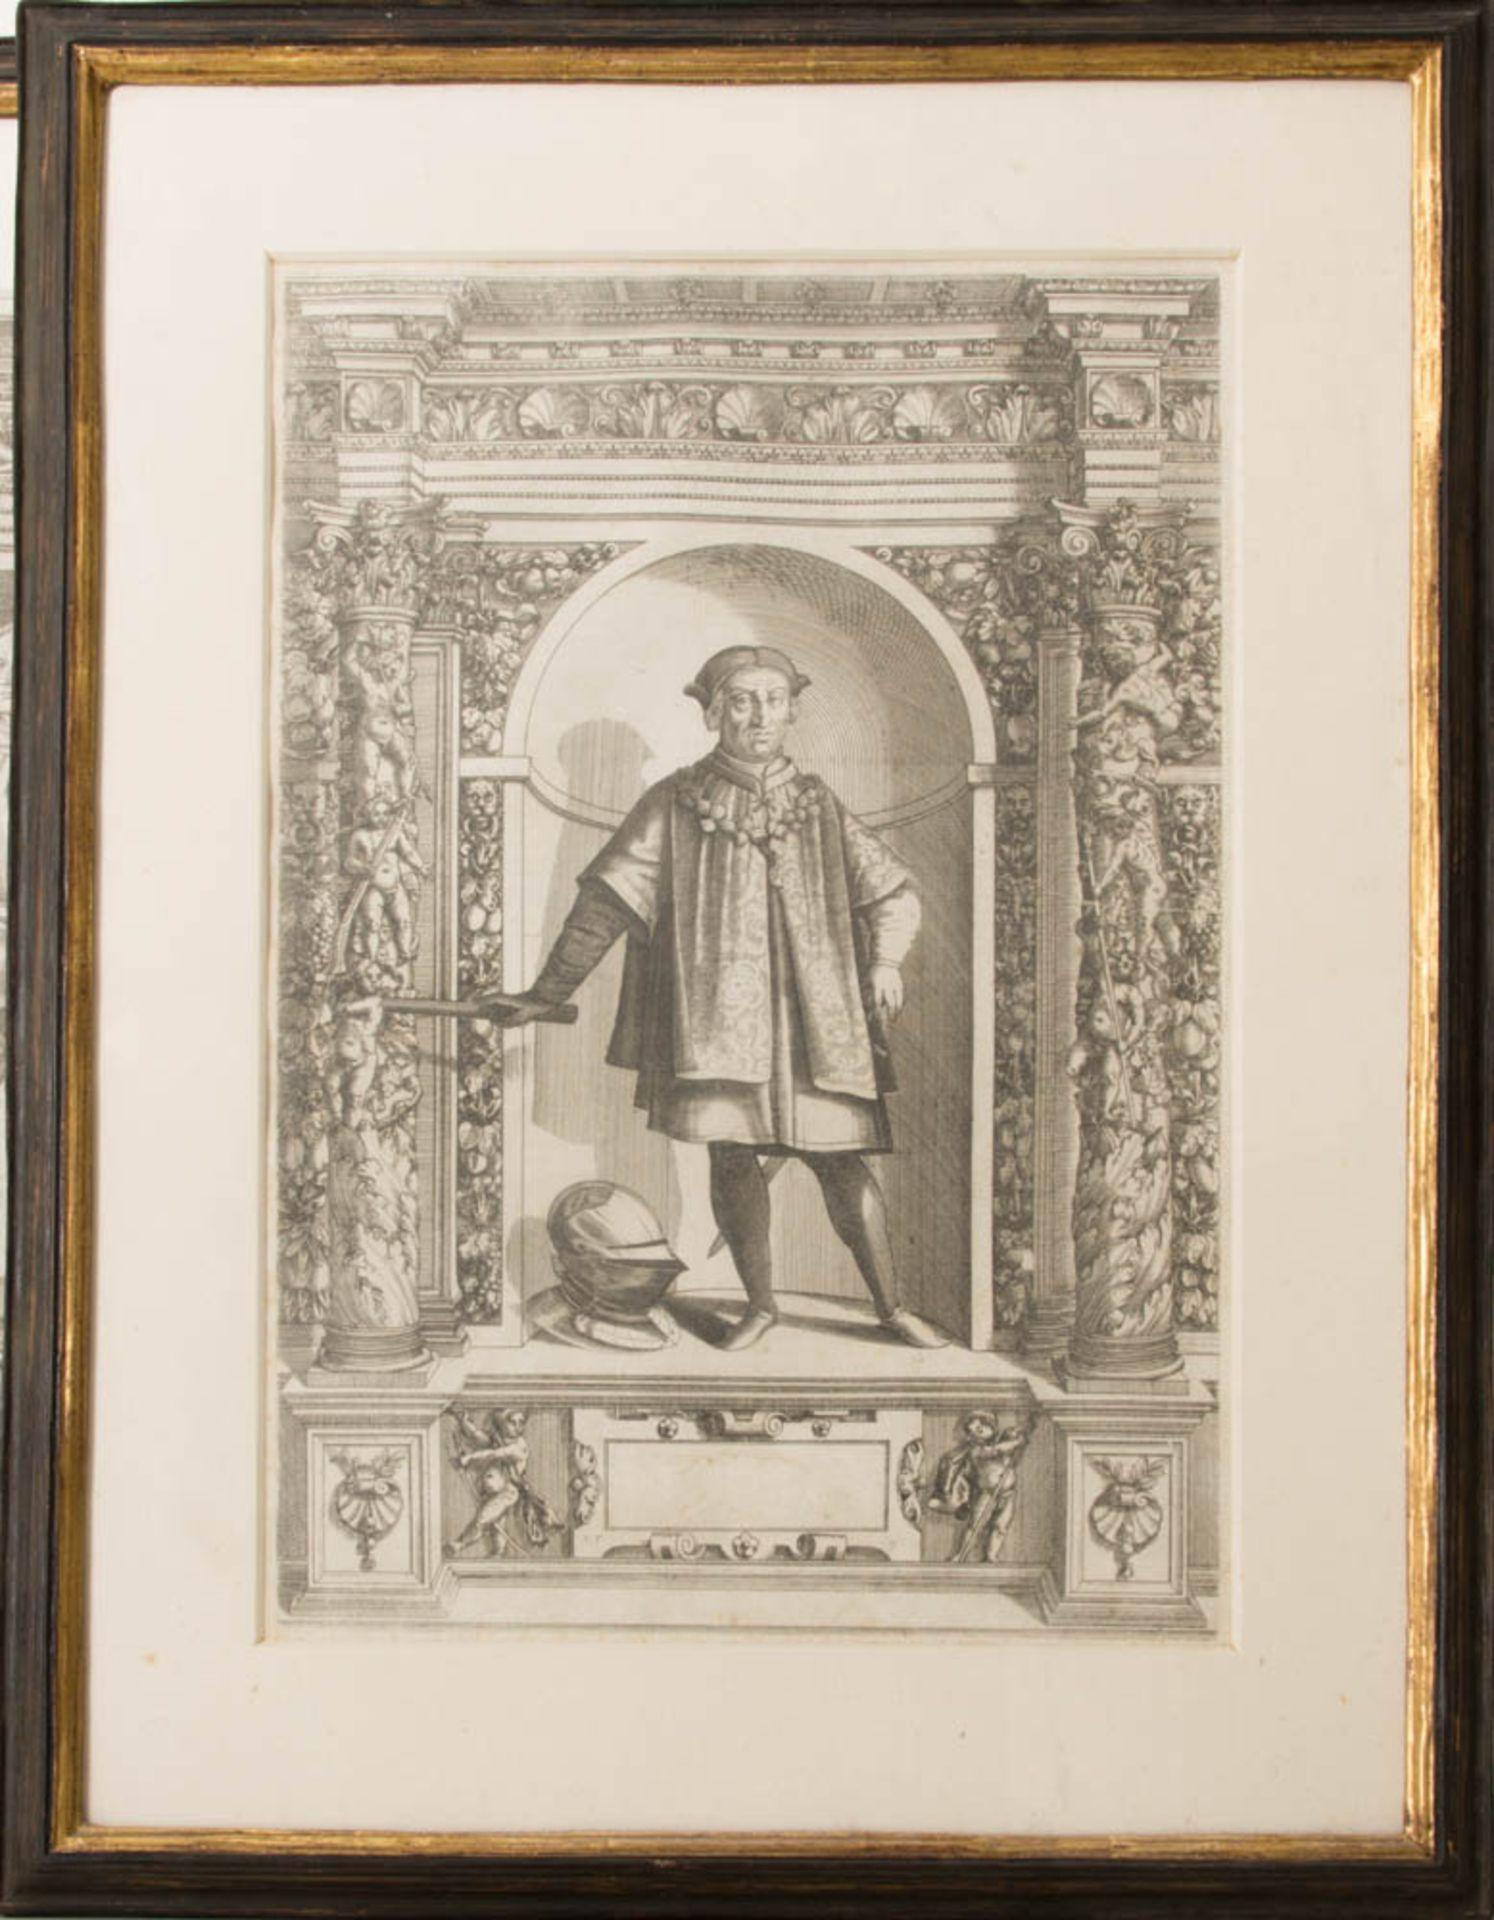 Vier Herrenportraits, Druckgrafik, 18. Jh.Teilweise rückseitig verglast und bedruckt. - Bild 4 aus 5